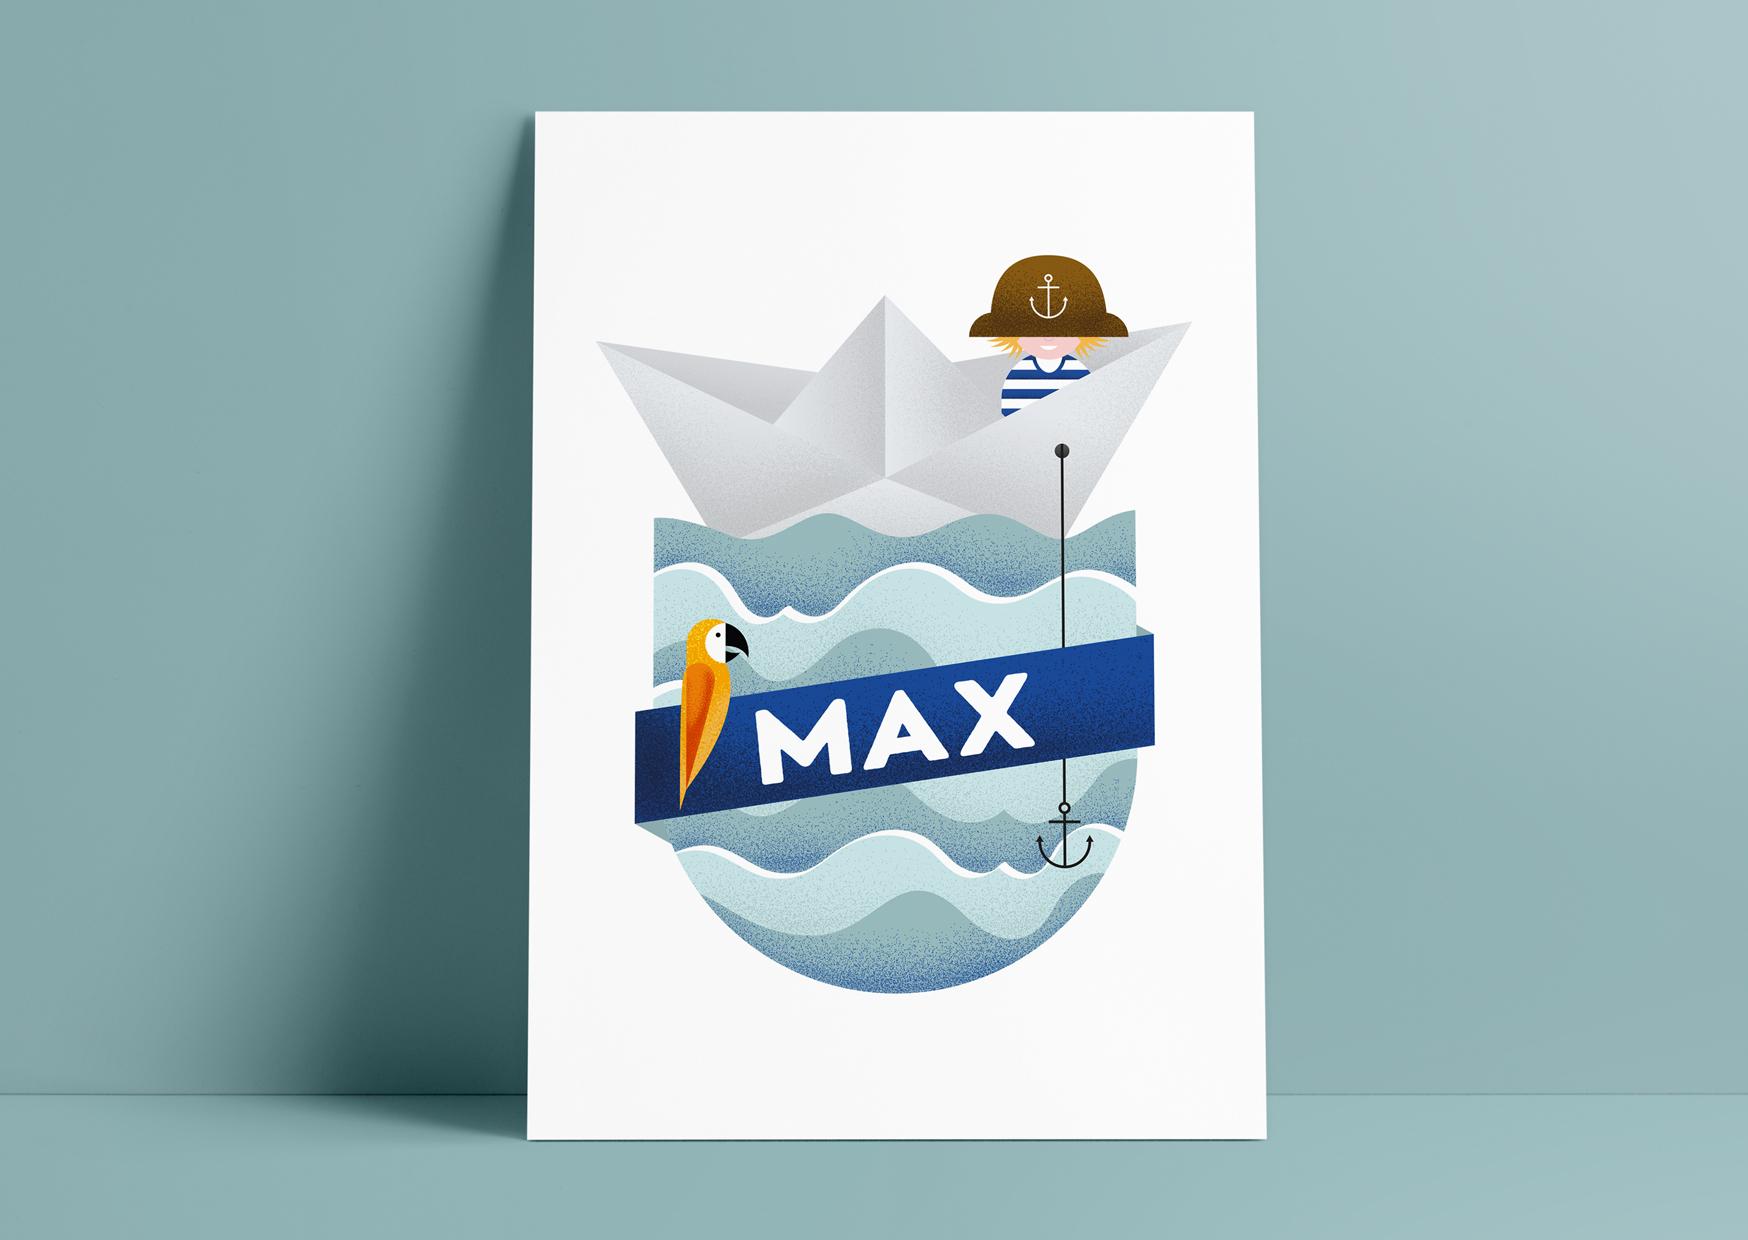 Geboortekaartje, jongens, baby, birth announcement, illustratie, illustration, boot, piraten, papagaai, papierenboot, stoer, water, studio enkelvoud, jongen